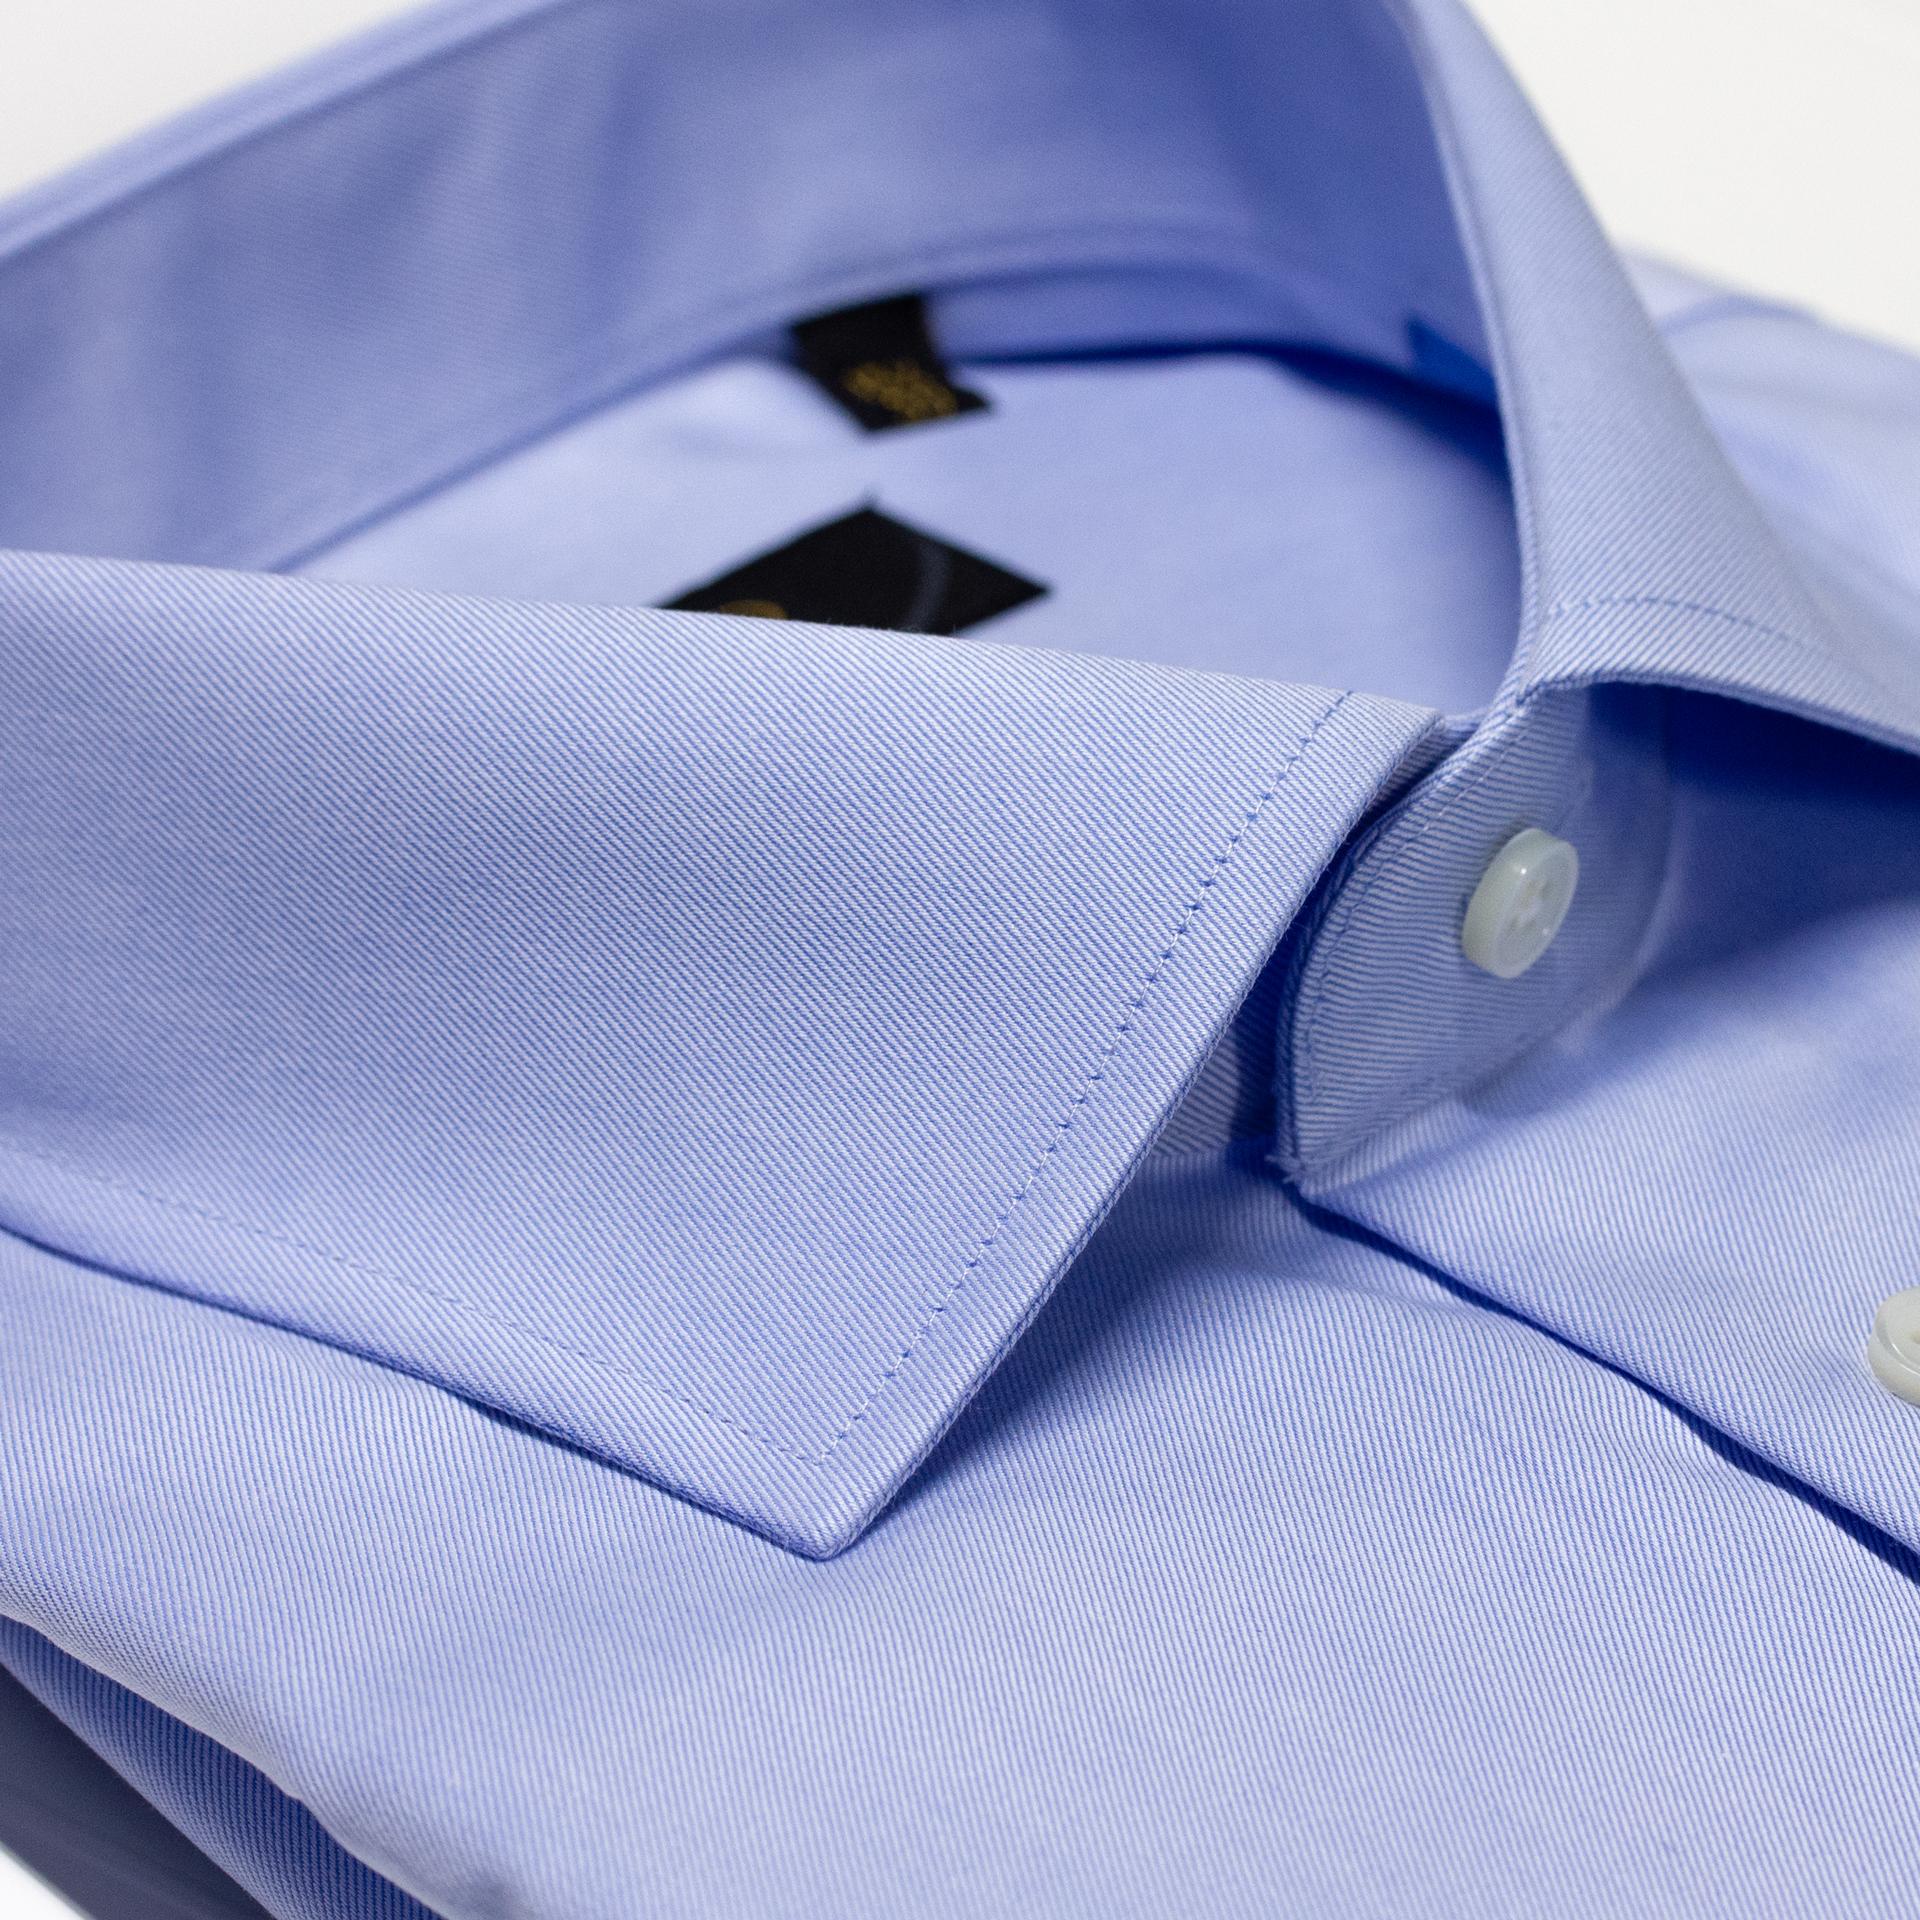 Lyseblå skjorte med hvite striper i 2 ply bomull. Classico